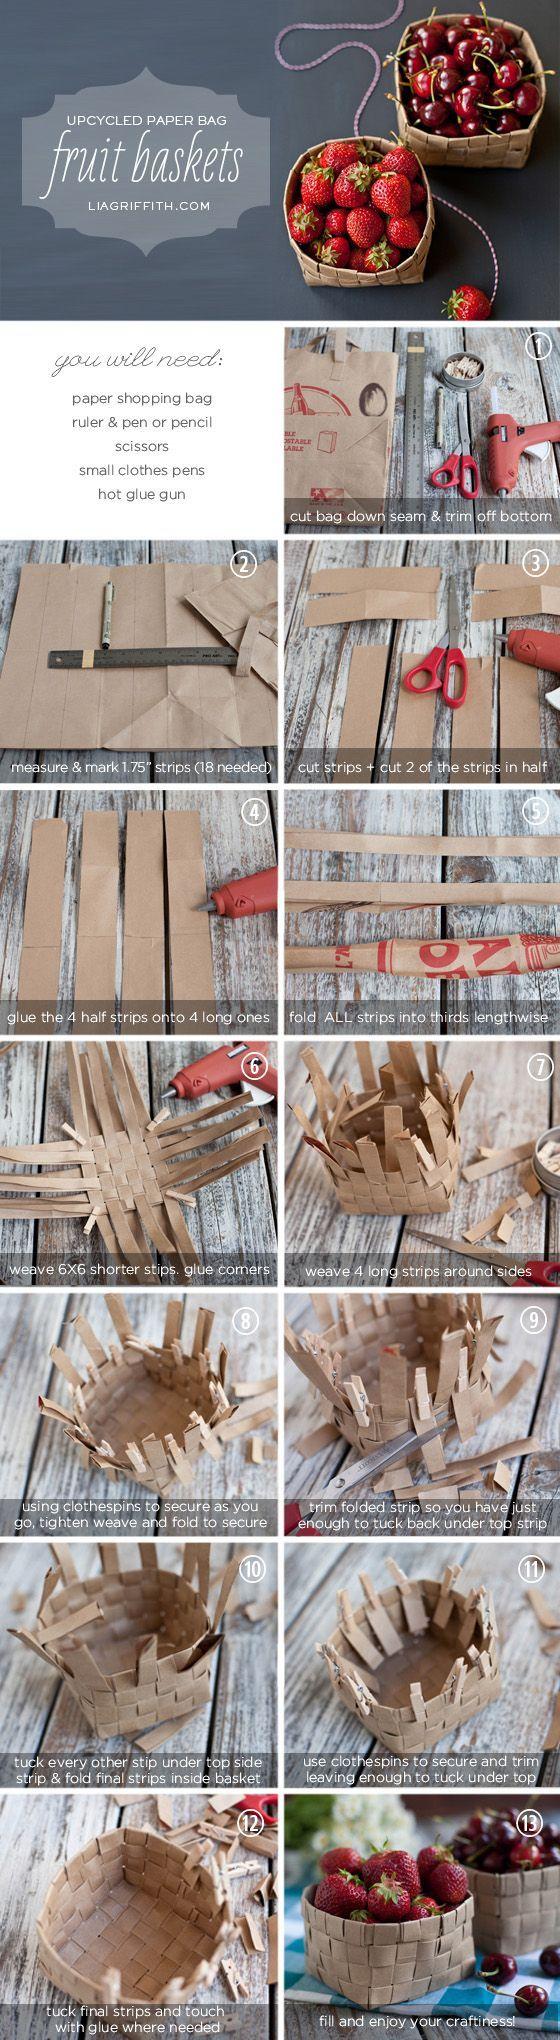 make paper bag fruit baskets